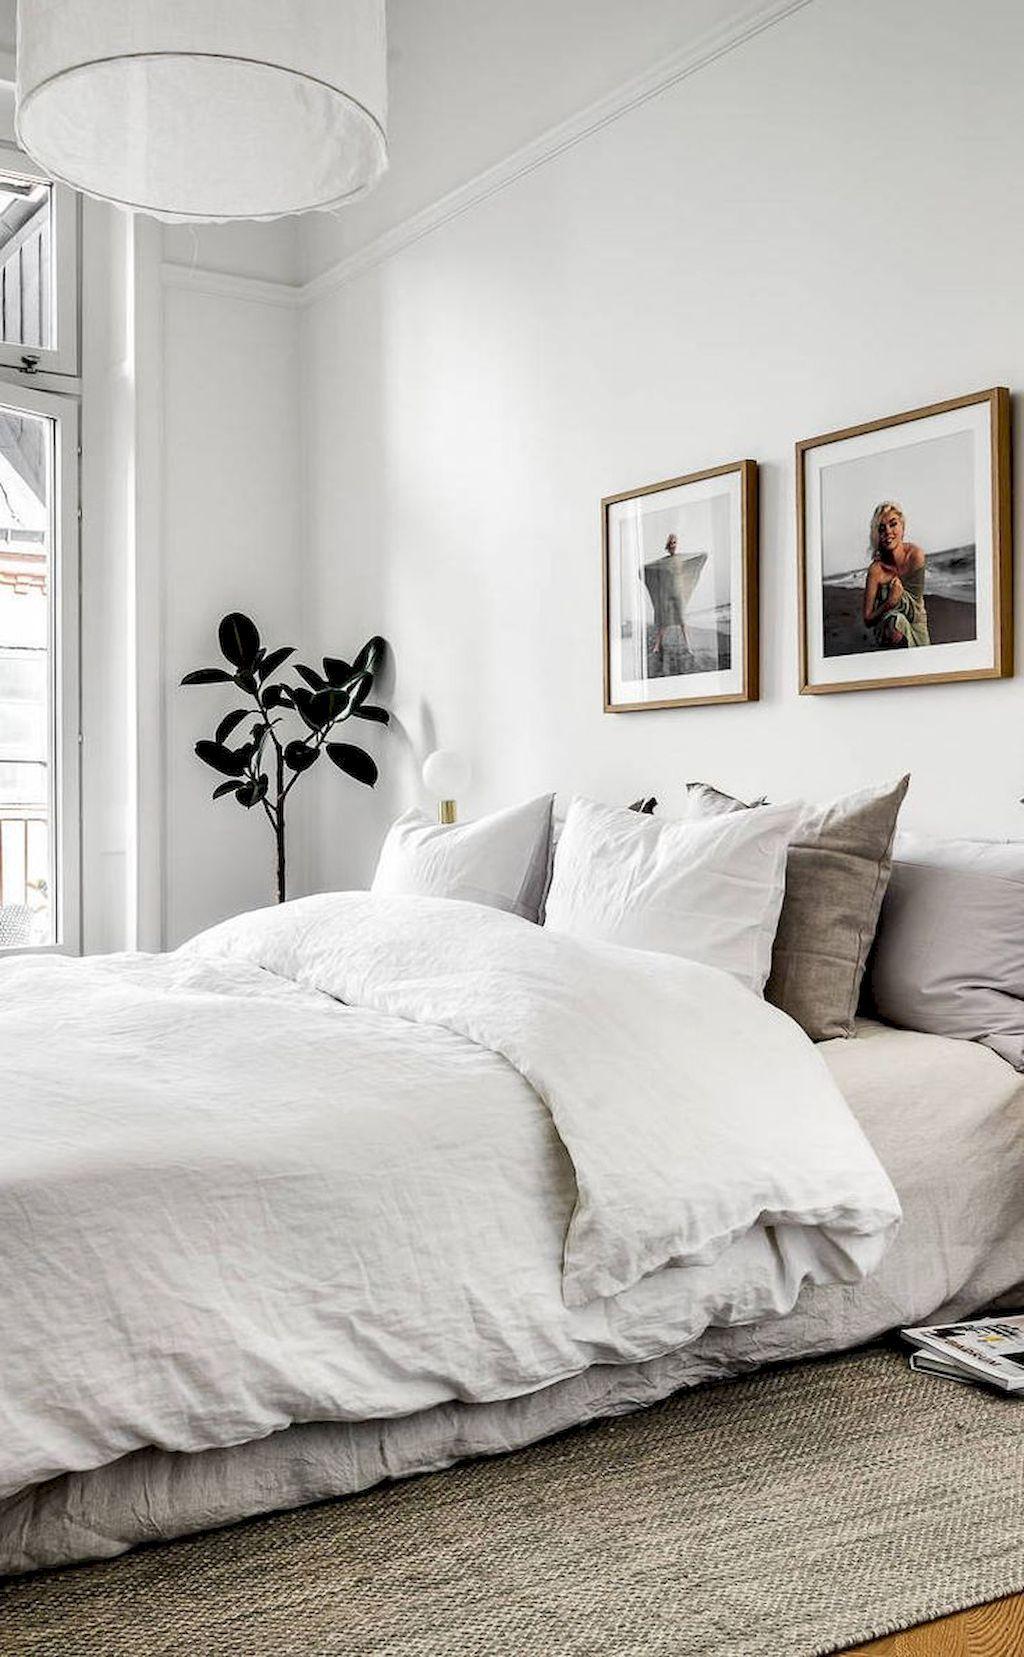 Helles Schlafzimmer Mit Natürlichen Farben